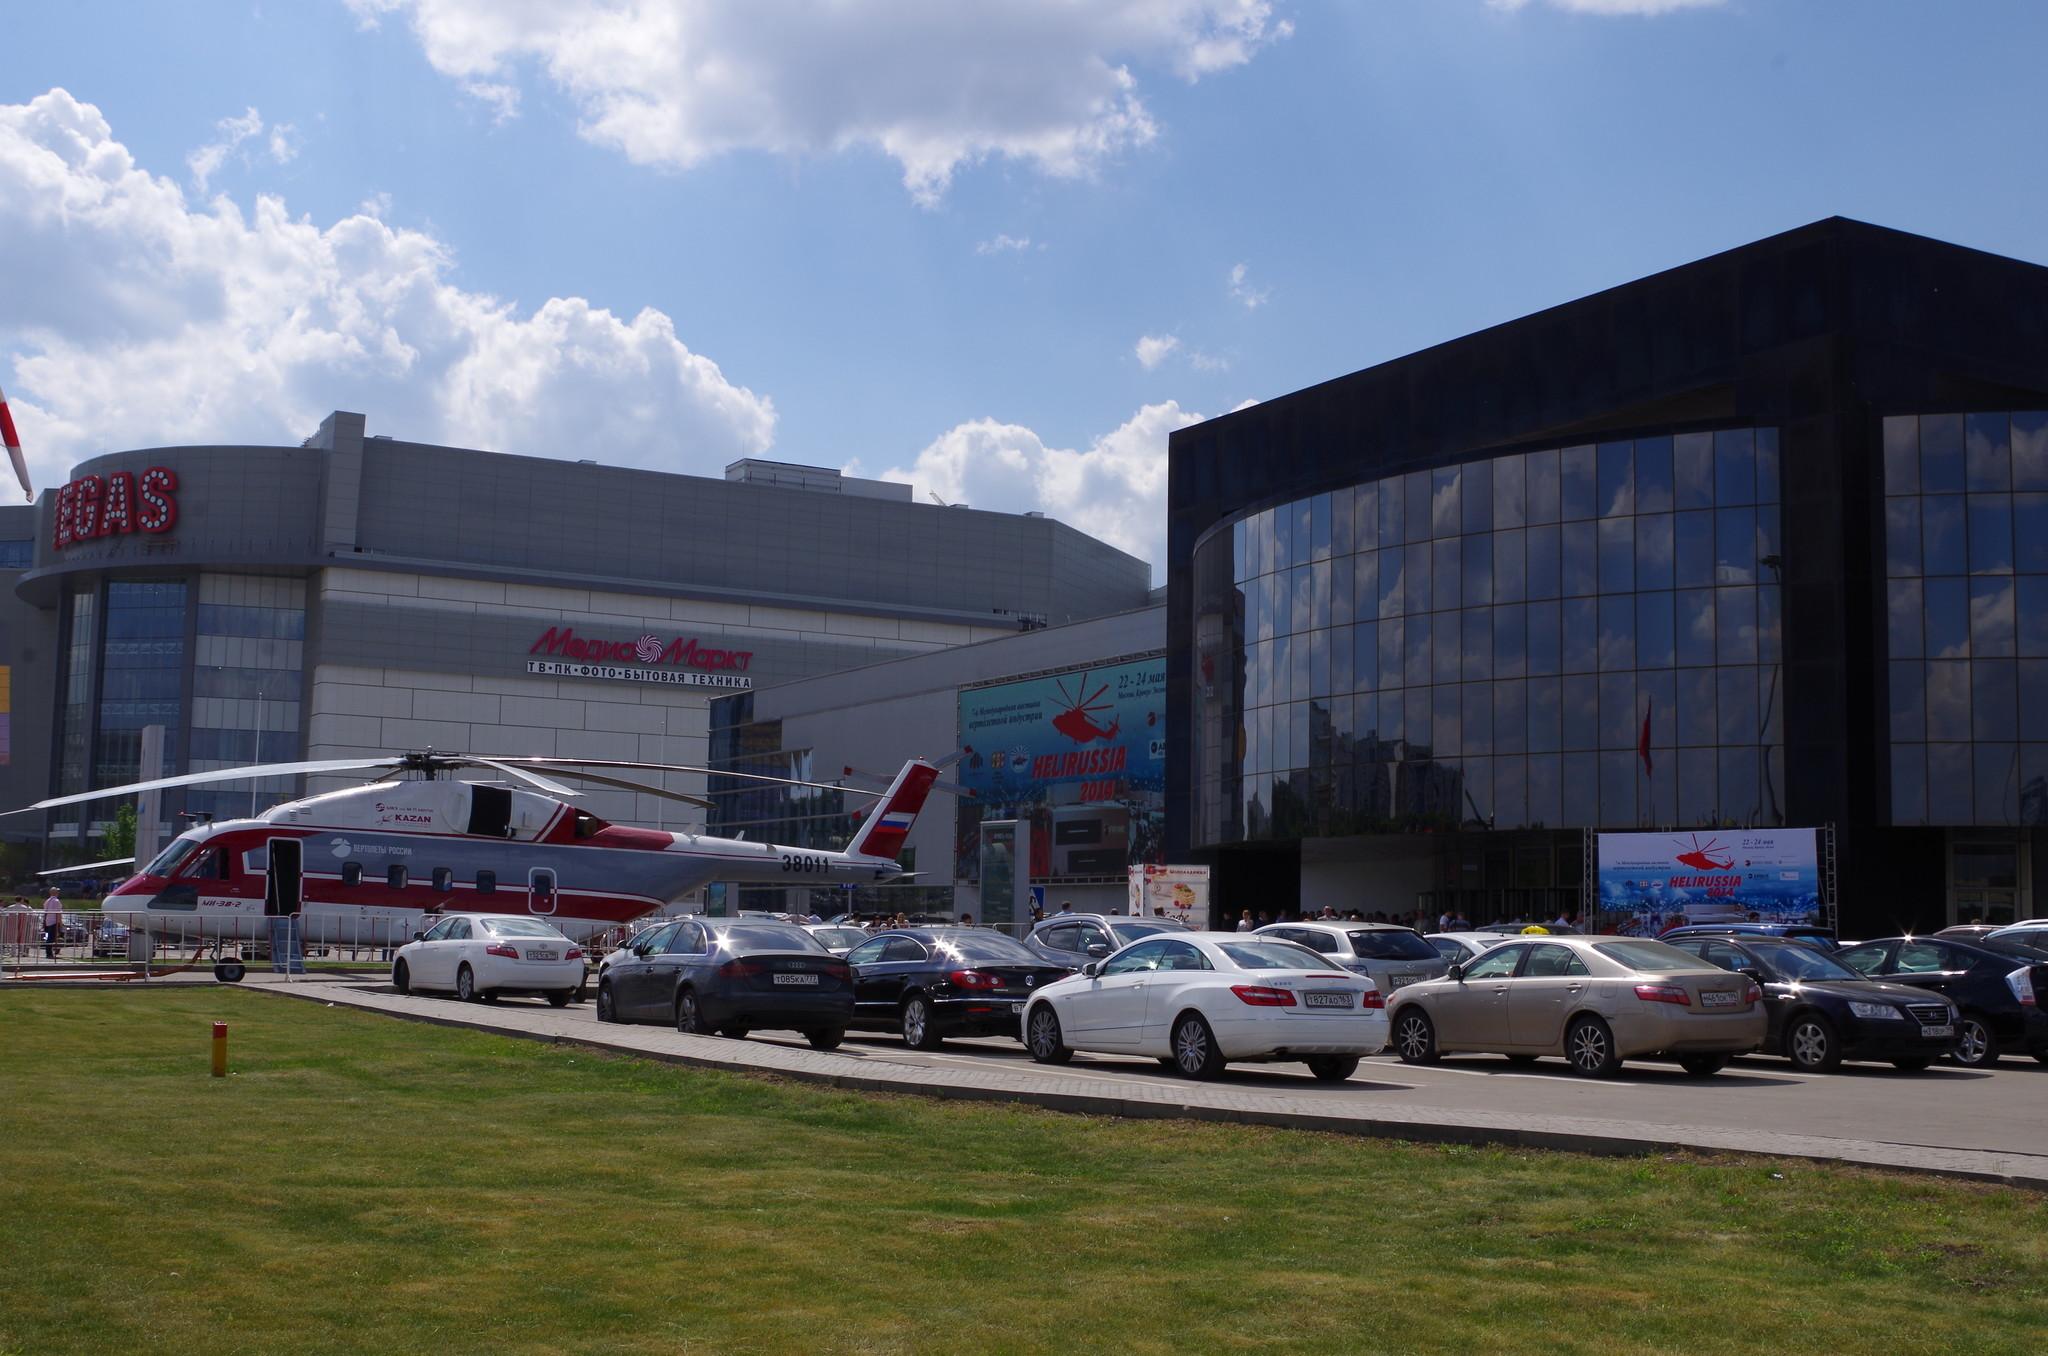 VII Международная выставка вертолётной индустрии HeliRussia 2014